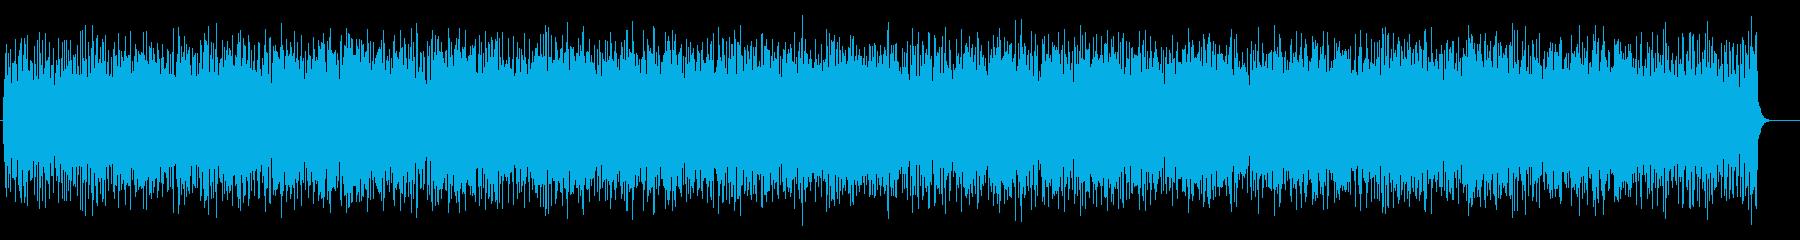 爽やかで軽やかなポップス(フルサイズ)の再生済みの波形